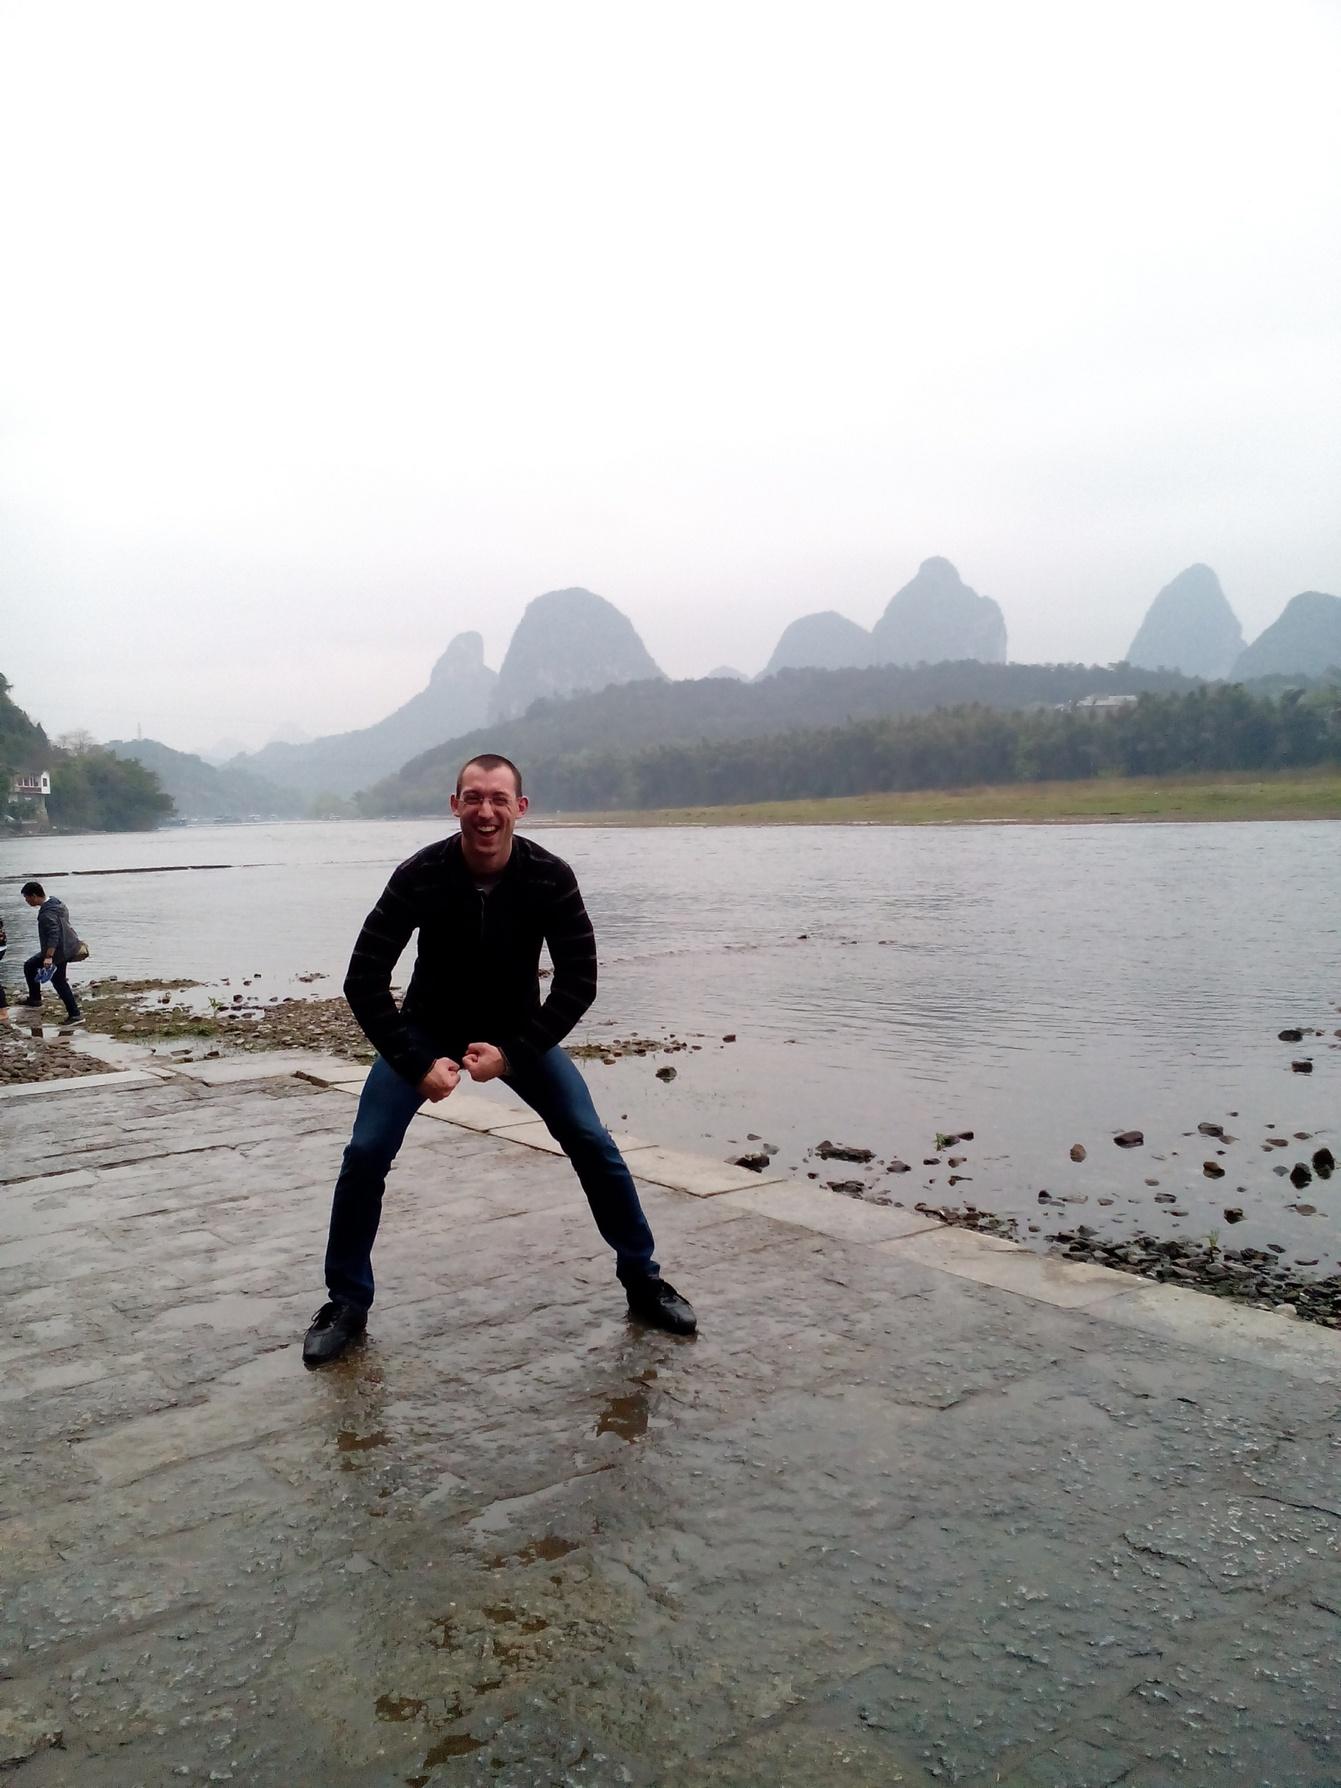 Karst, Yangshuo, guilin, guangxi, China